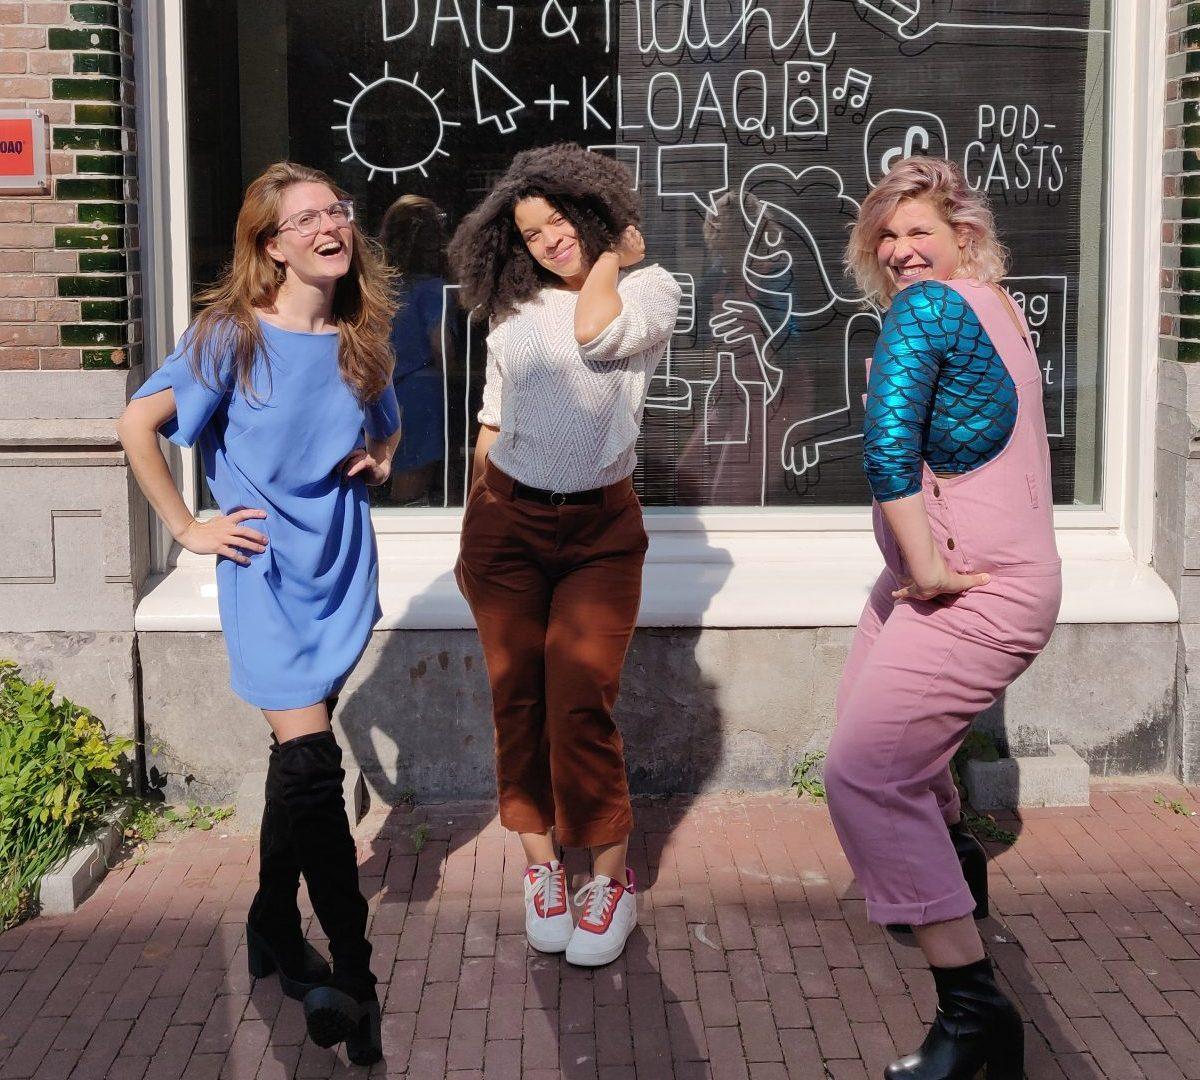 Nydia, Angelique en Marie Lotte poserenbuiten op de stoep voor de studio van Dag en Nacht Media